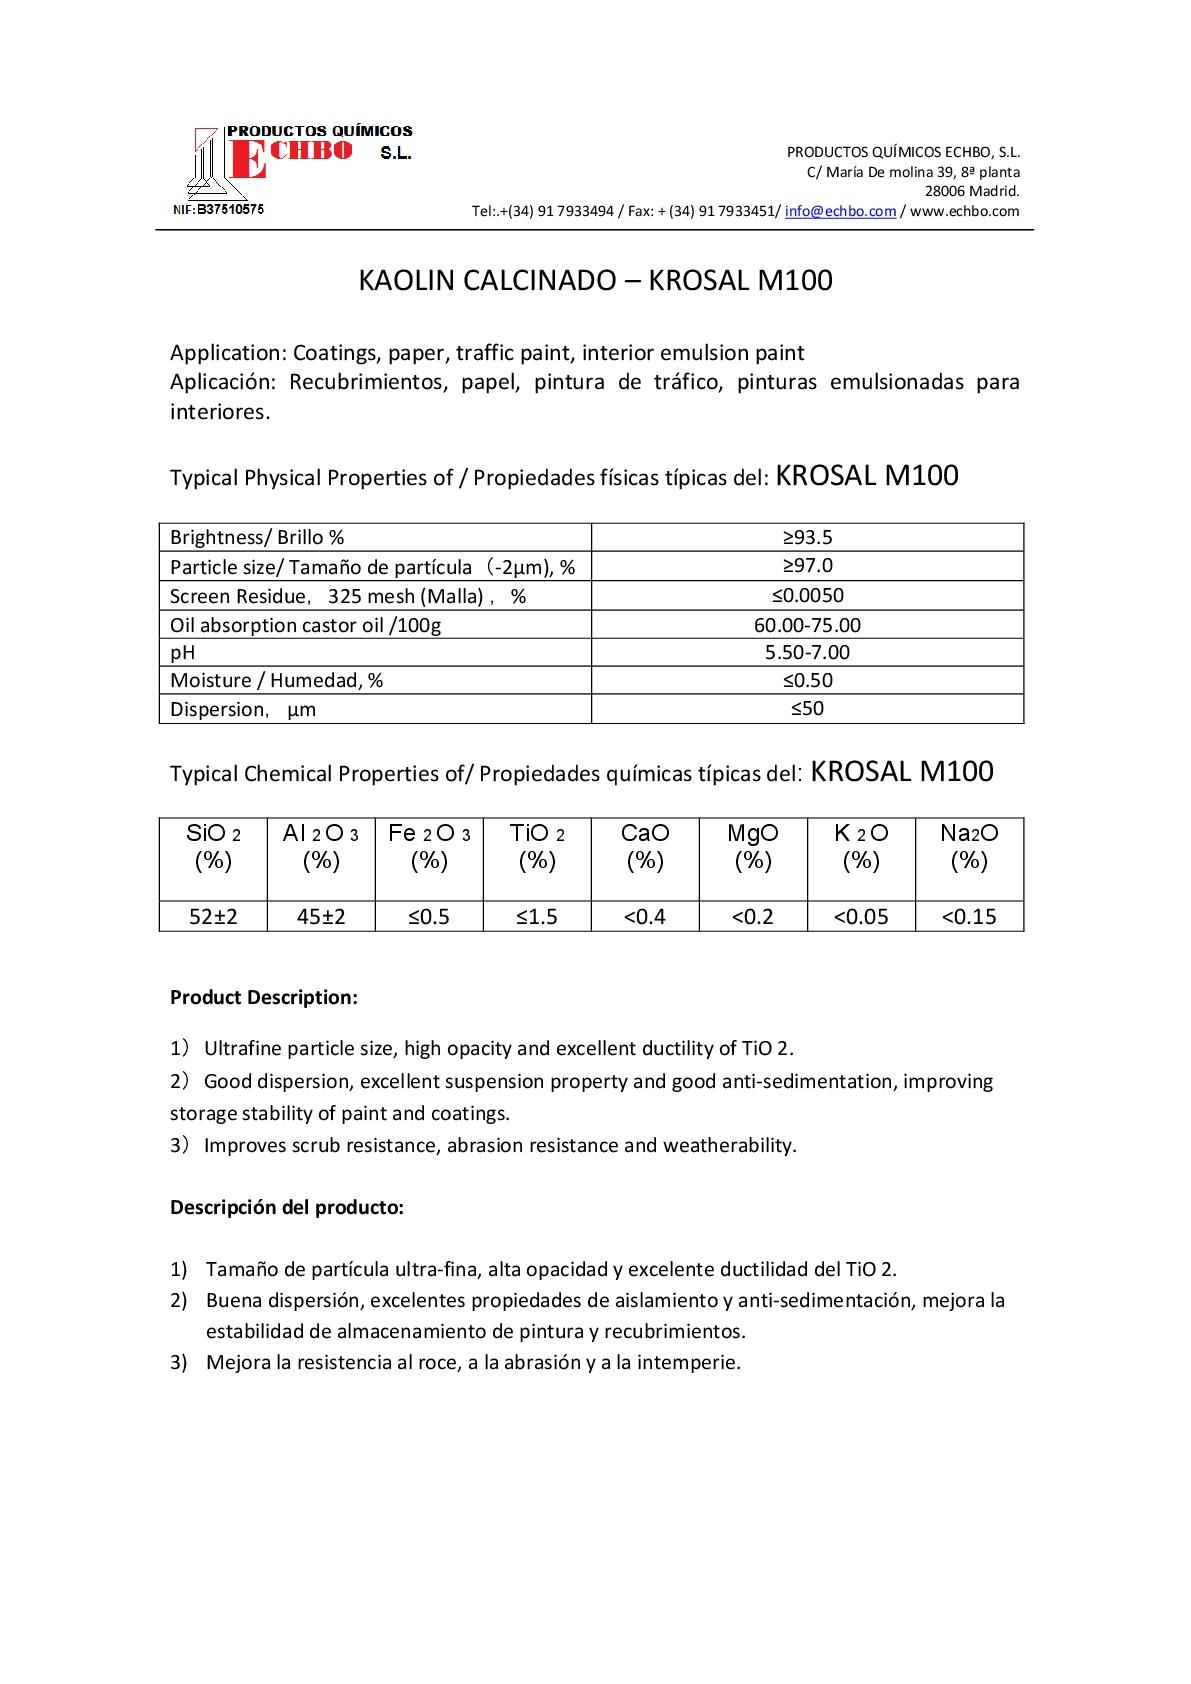 MDS KROSAL M100